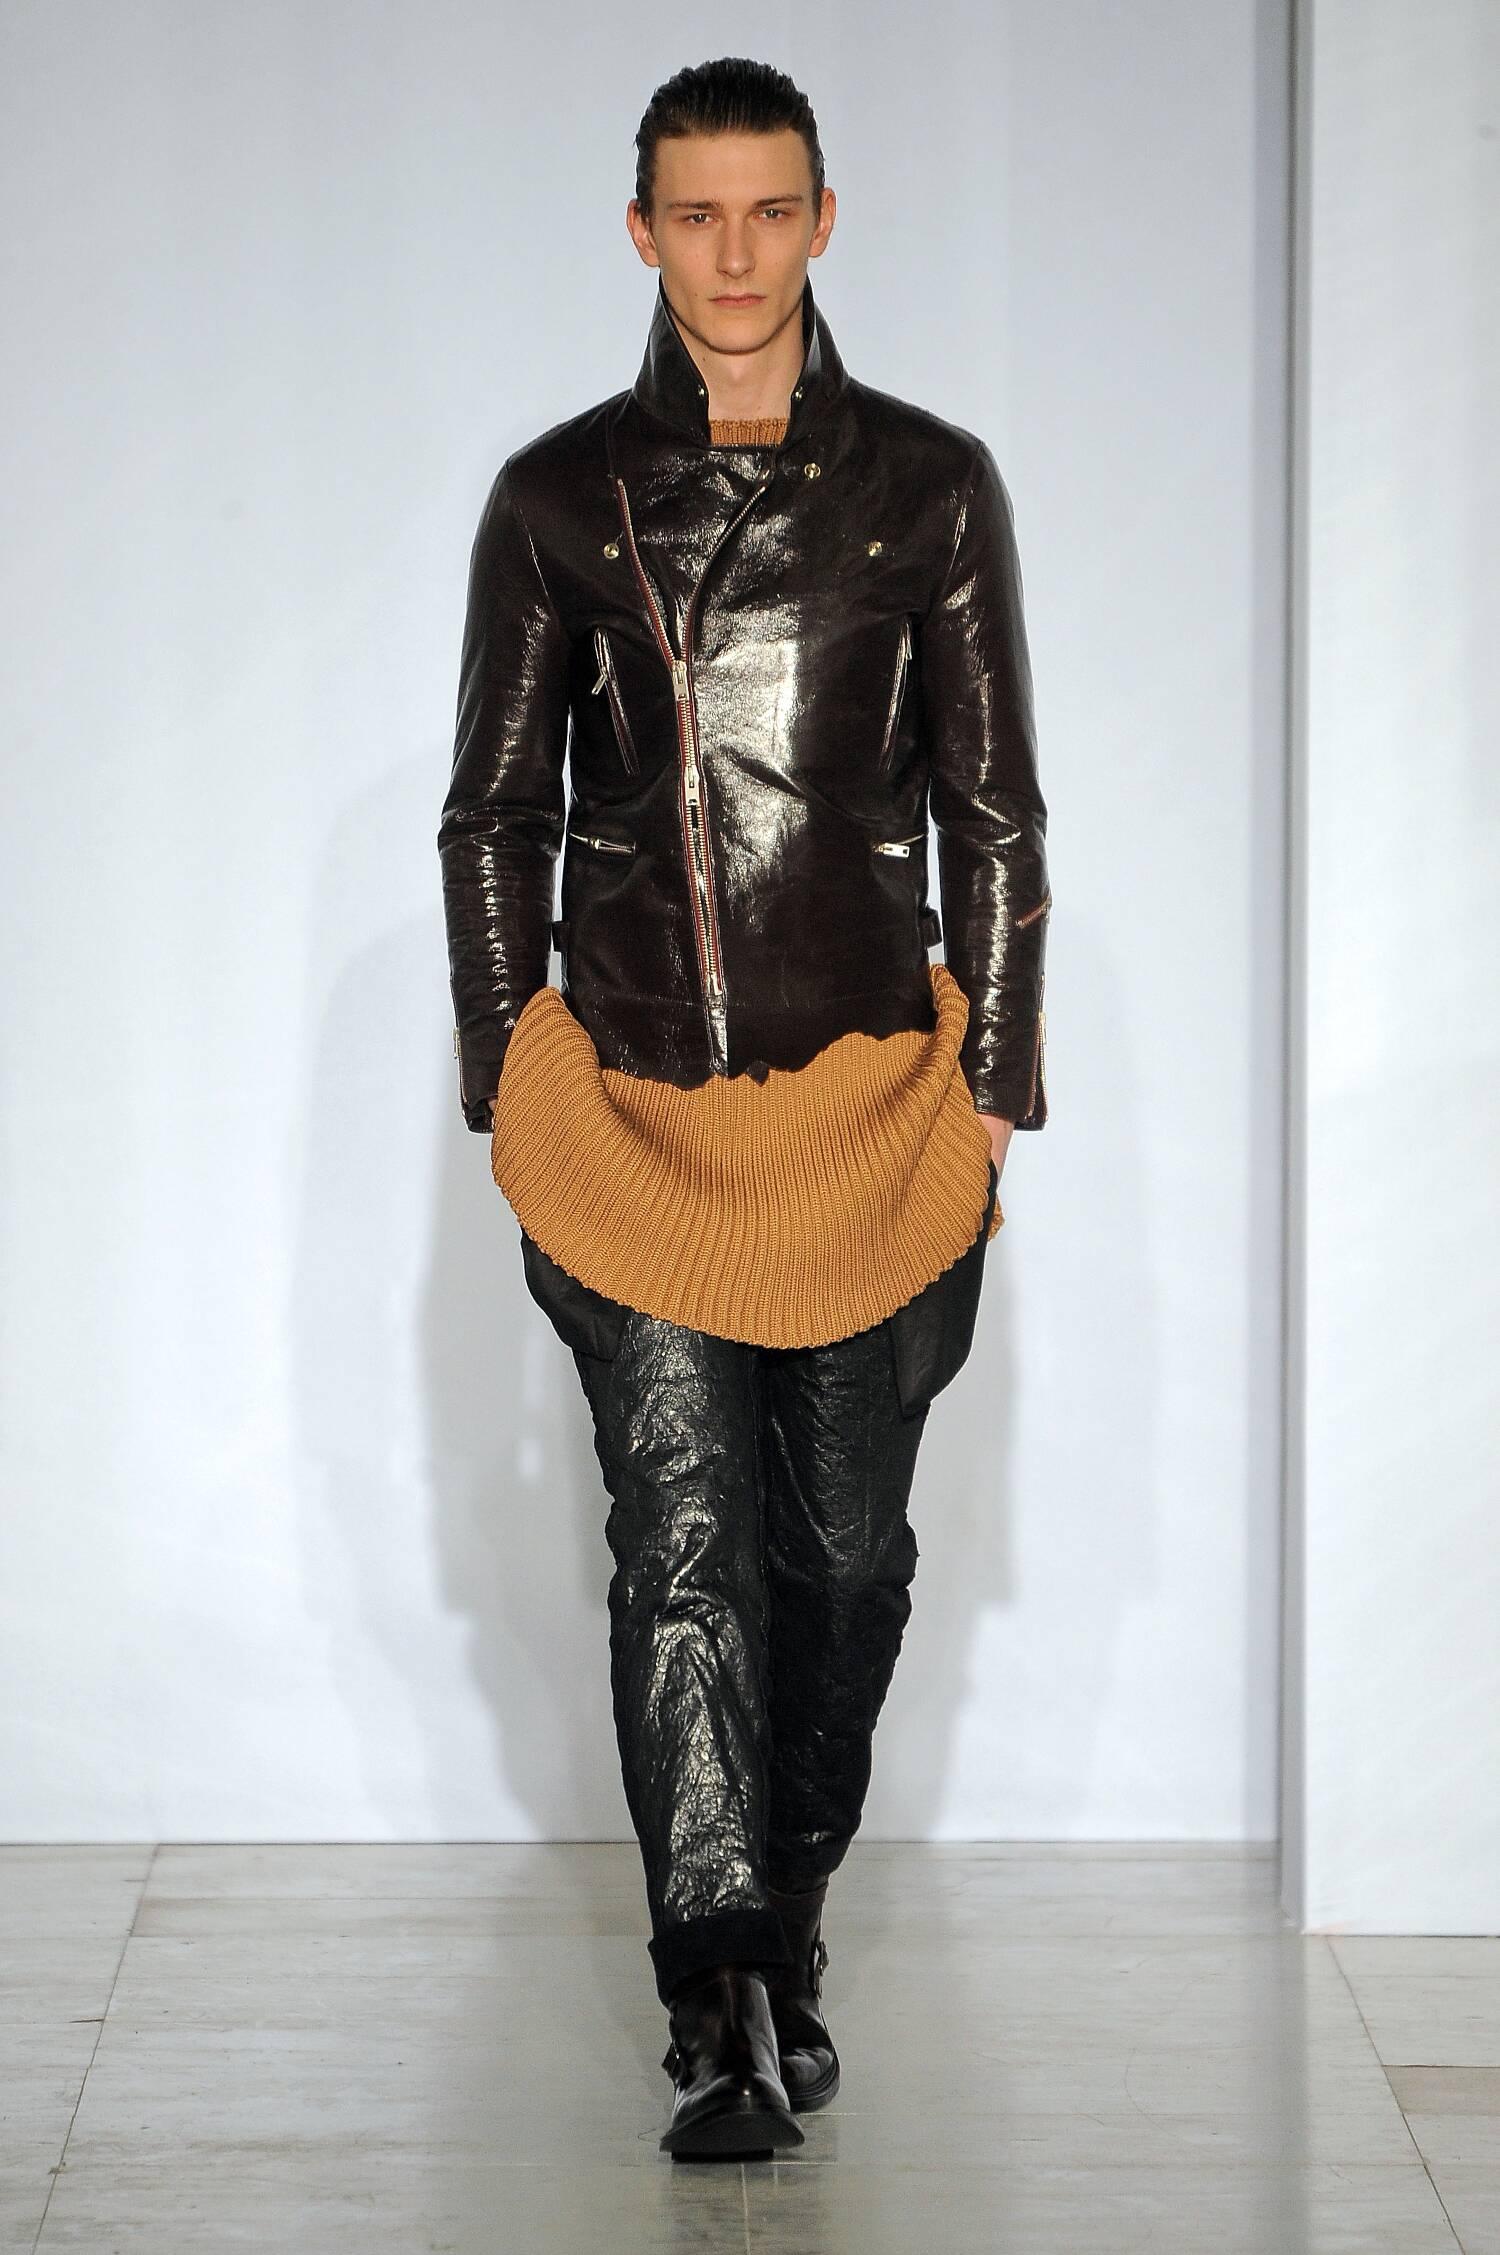 2015 Fashion Man Model Yang Li Collection Catwalk